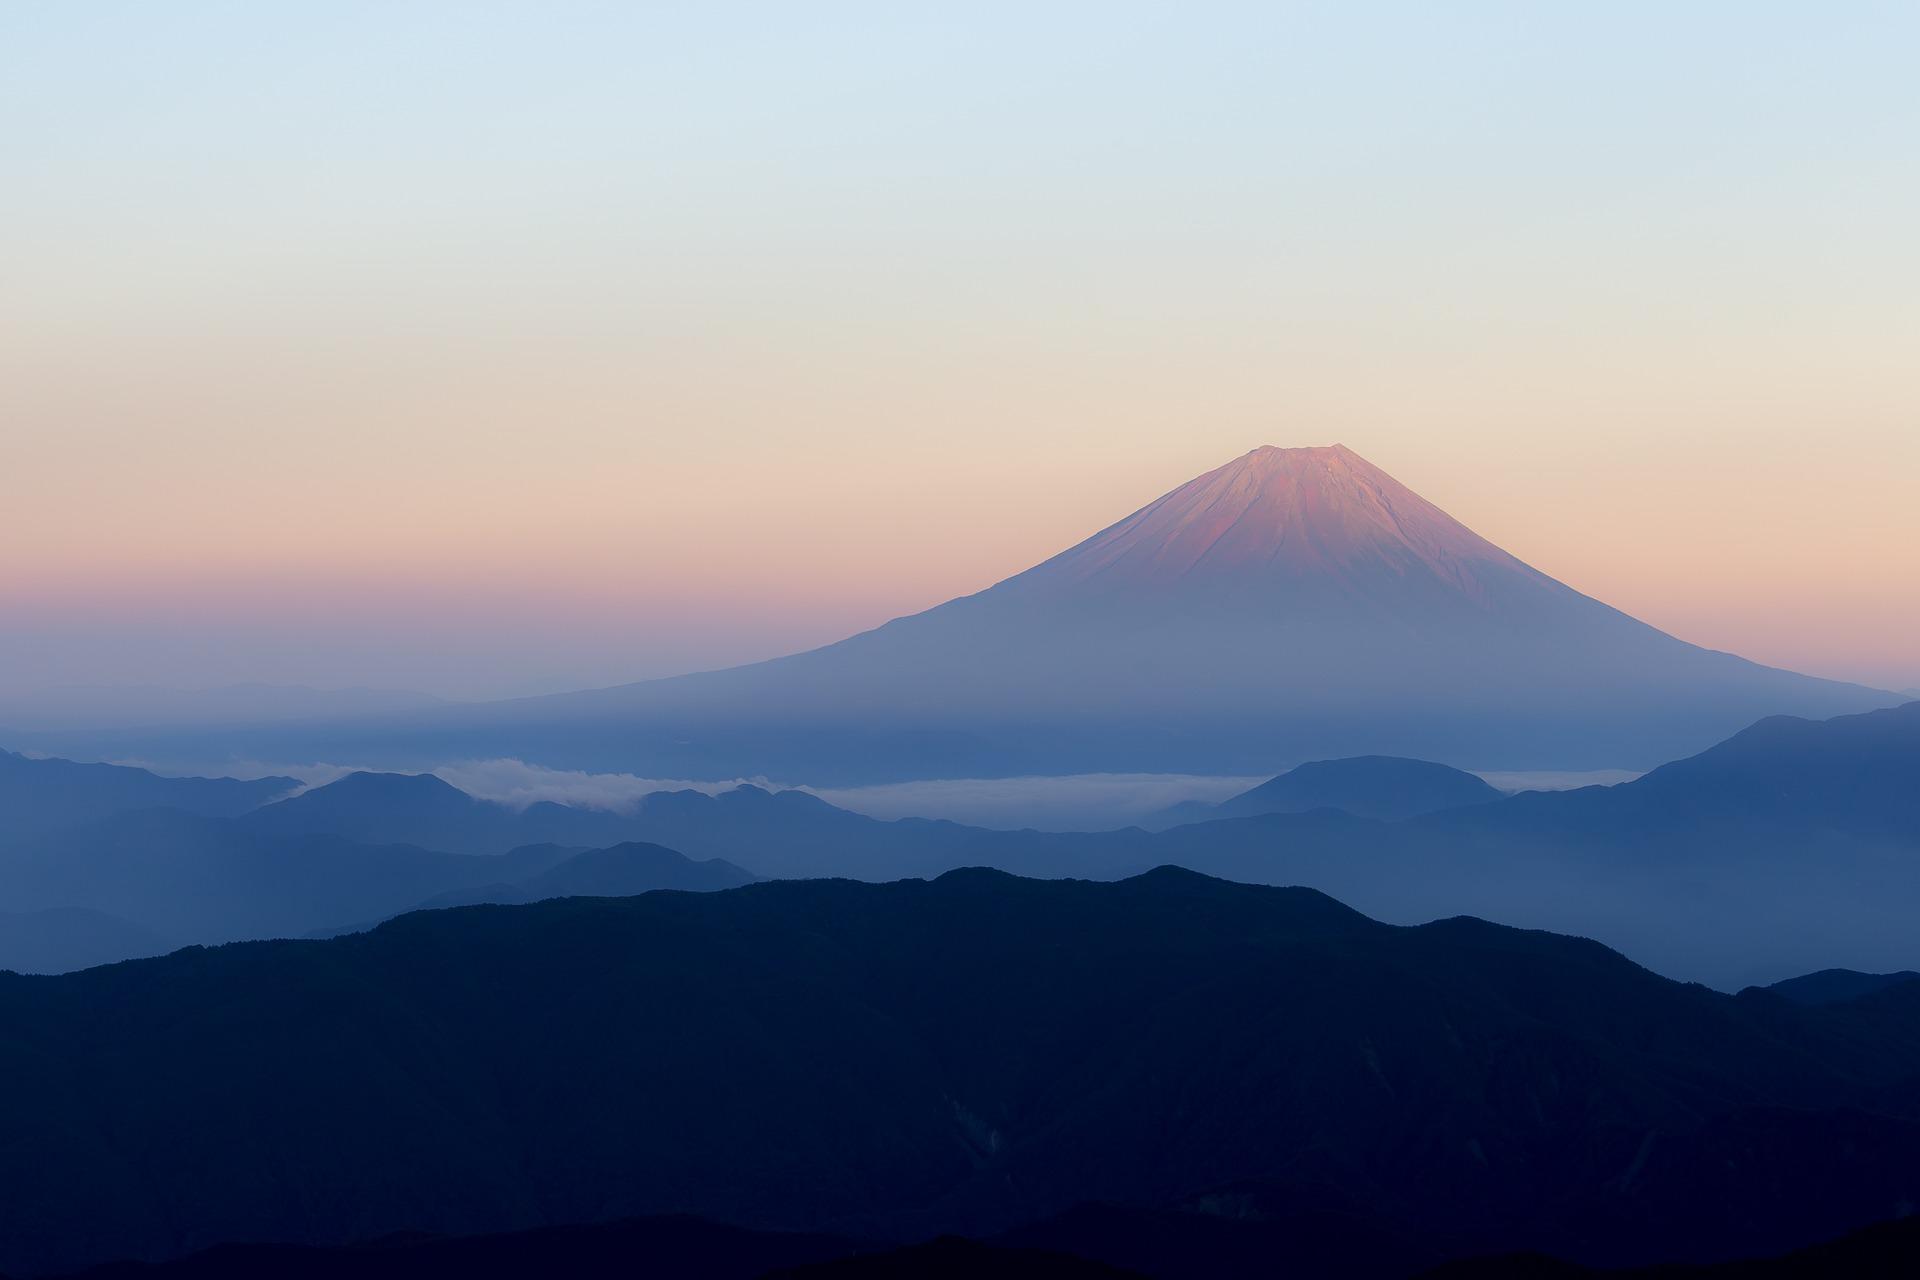 Monte Fuji viaje a china y japón